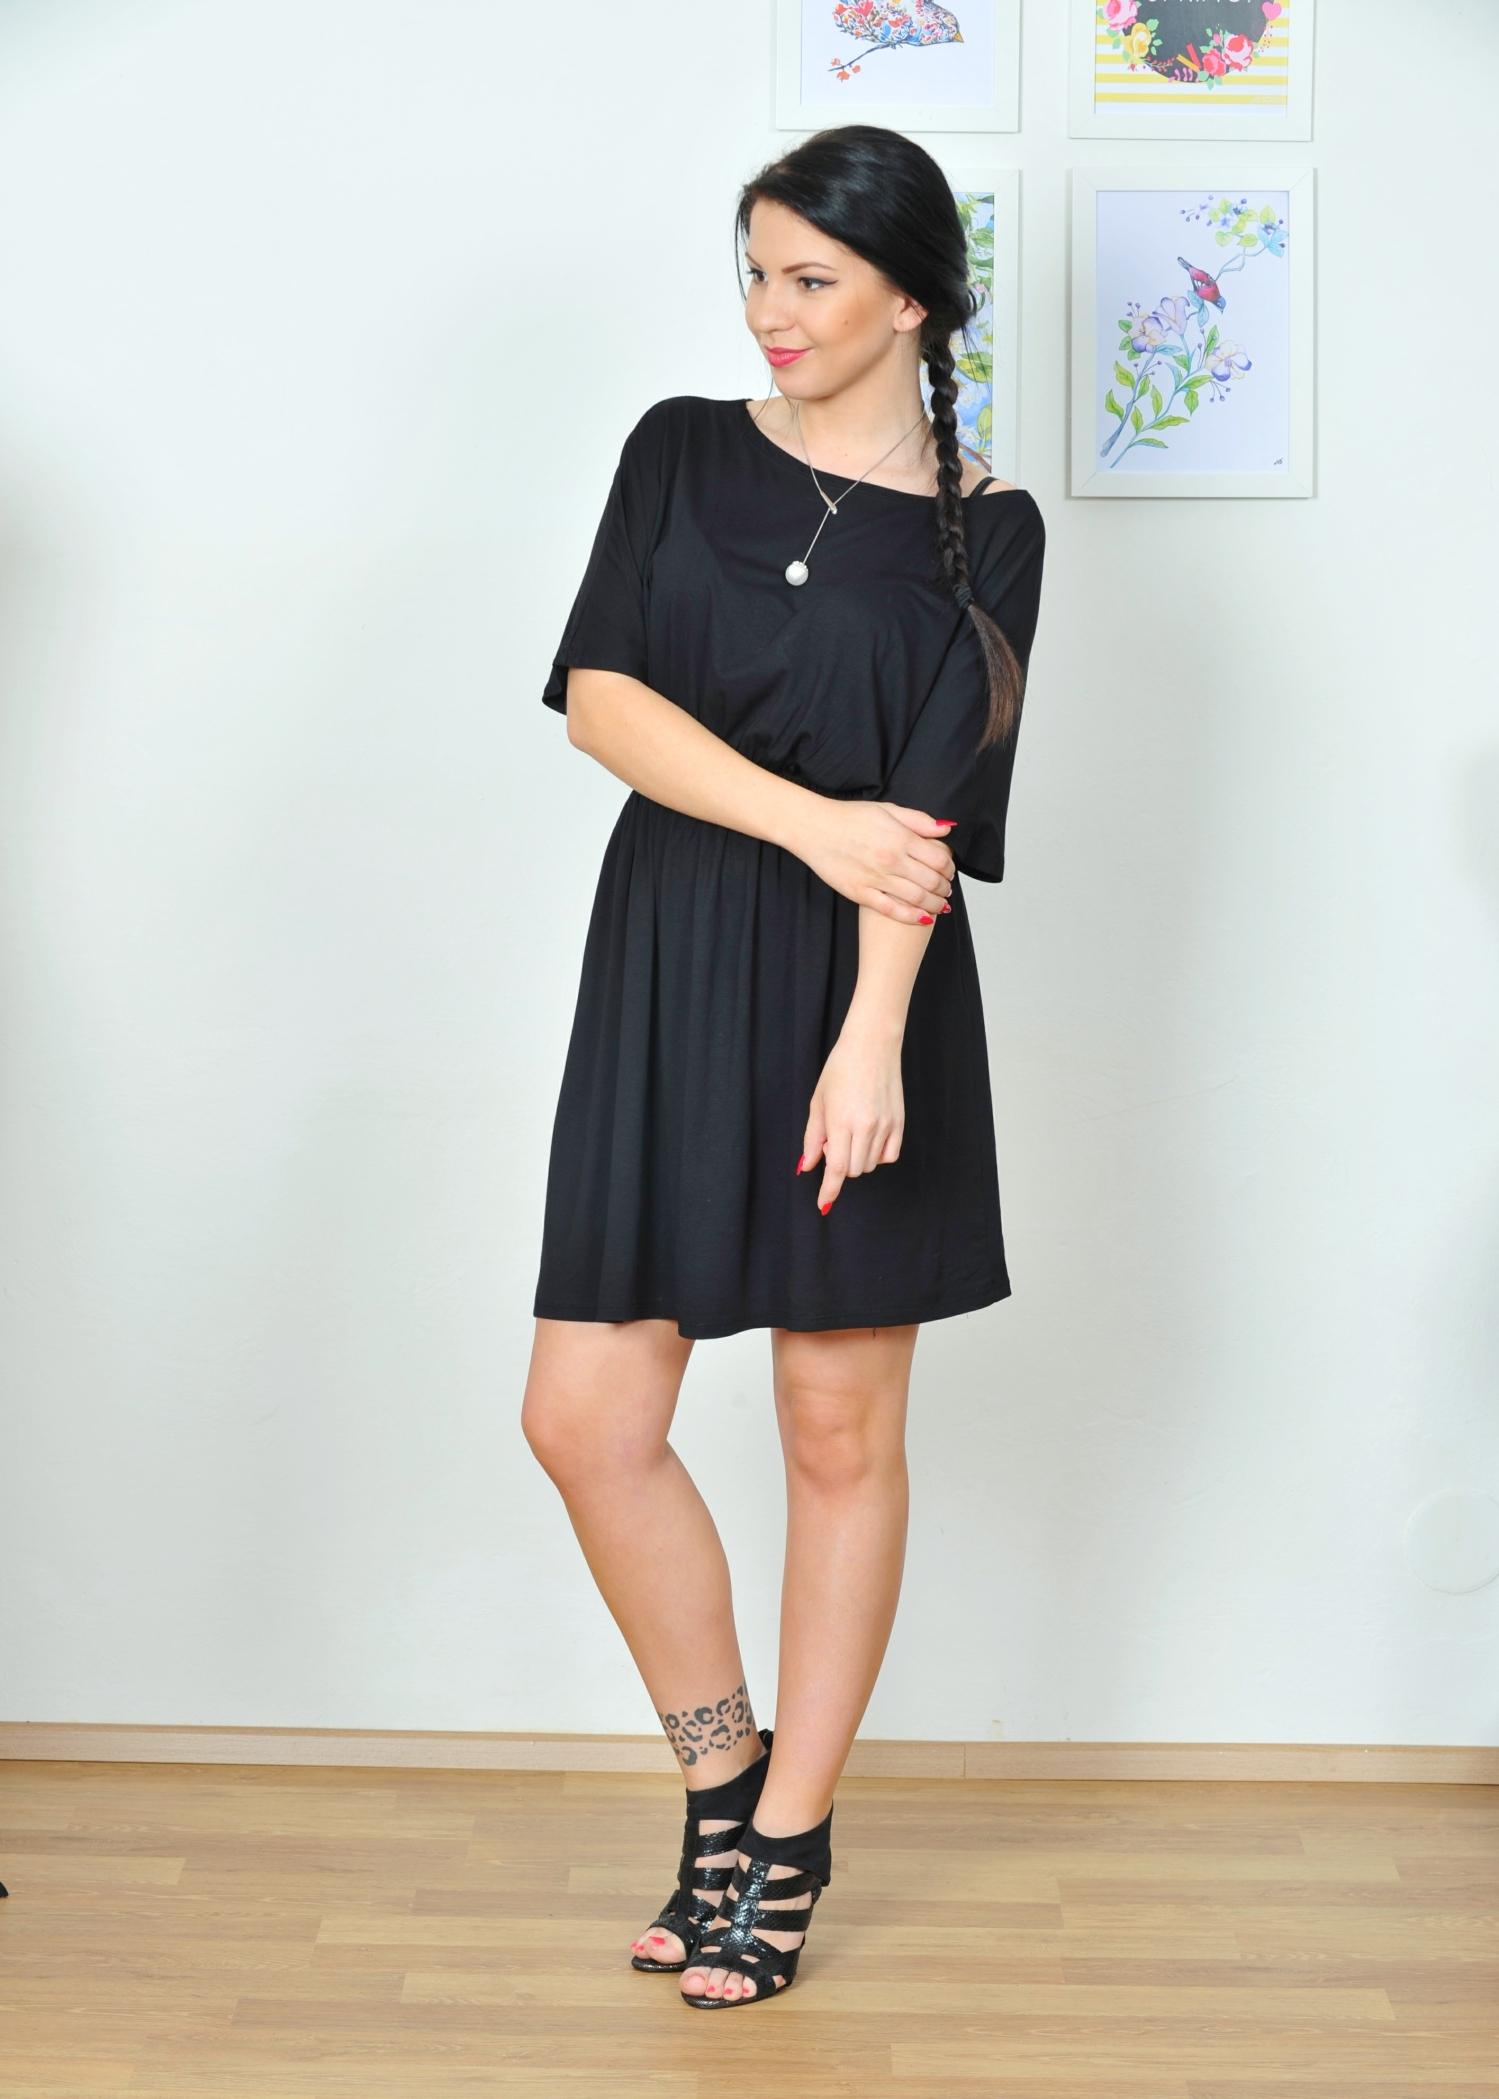 Jednoduché řasené šaty nebo top   Zboží prodejce INDIVA  bb8f0df4db